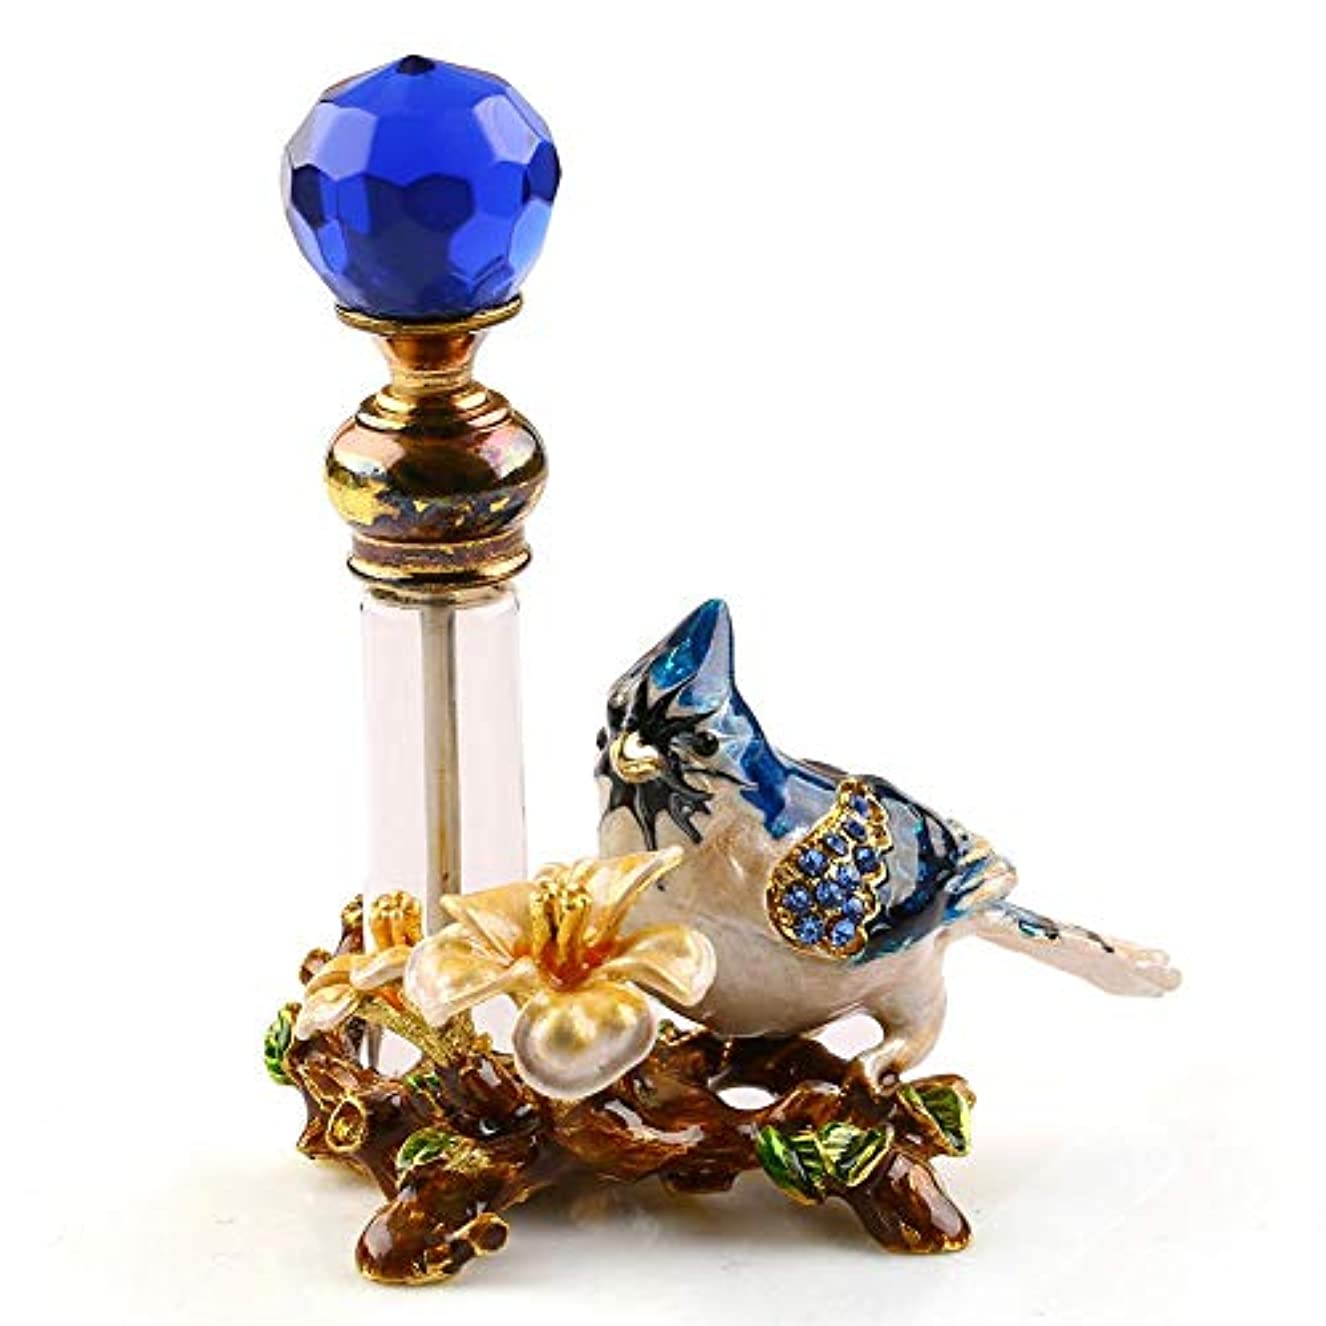 外交官嫌いアルバニーVERY100 高品質 美しい香水瓶 4ML アロマボトル 綺麗アンティーク風 鳥と花 詰替用ボトル 空き プレゼント 結婚式 飾り